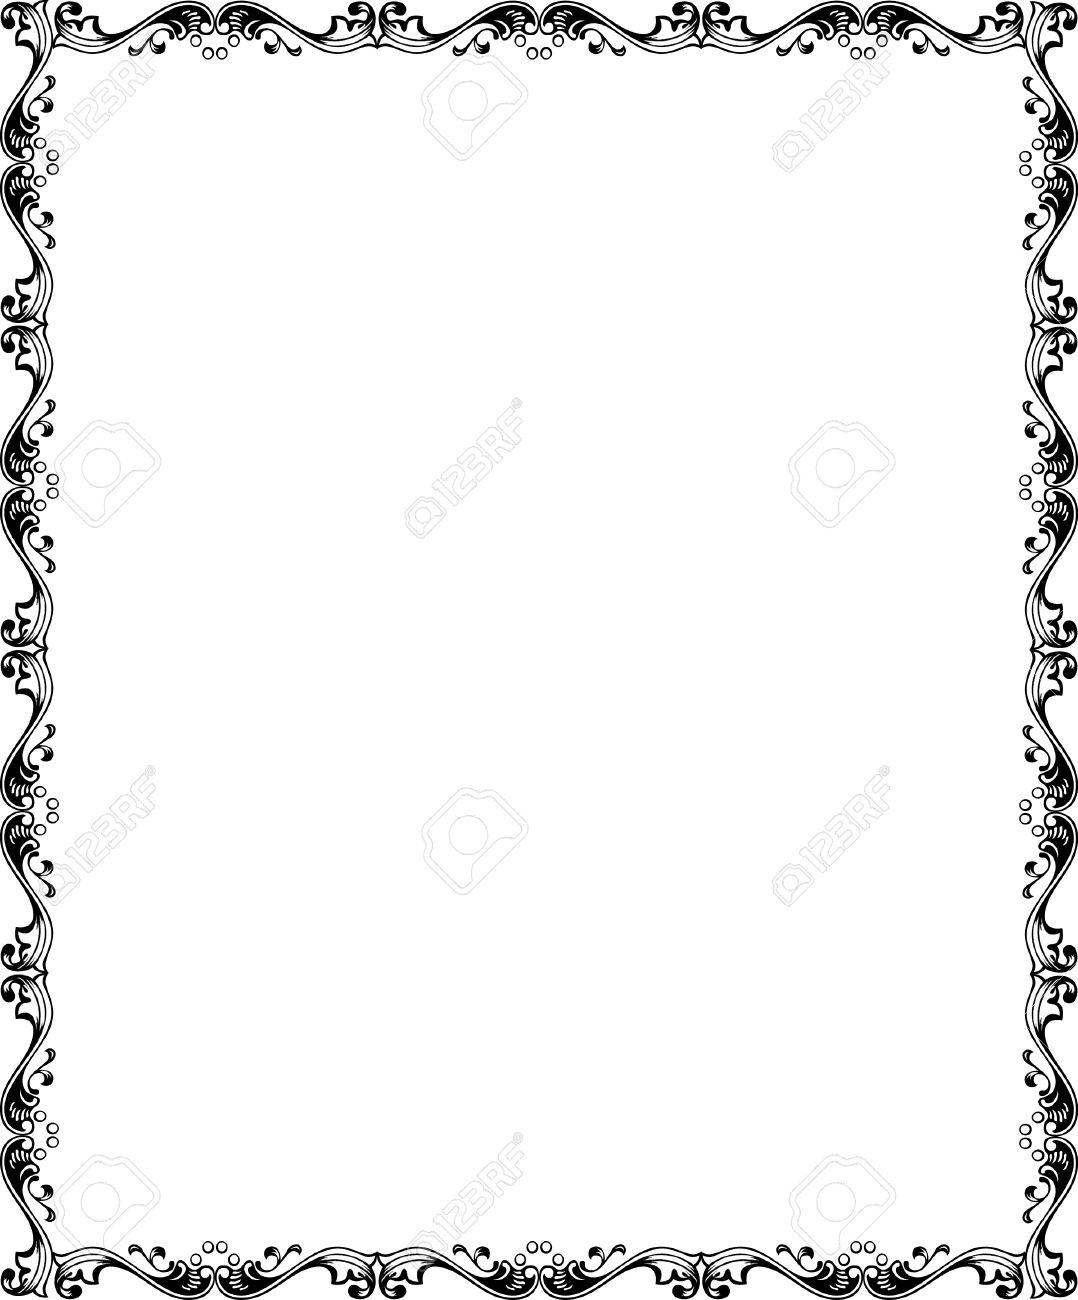 Einfache Fliesen Vektor-Rahmen, Schwarz-Weiß Lizenzfrei Nutzbare ...